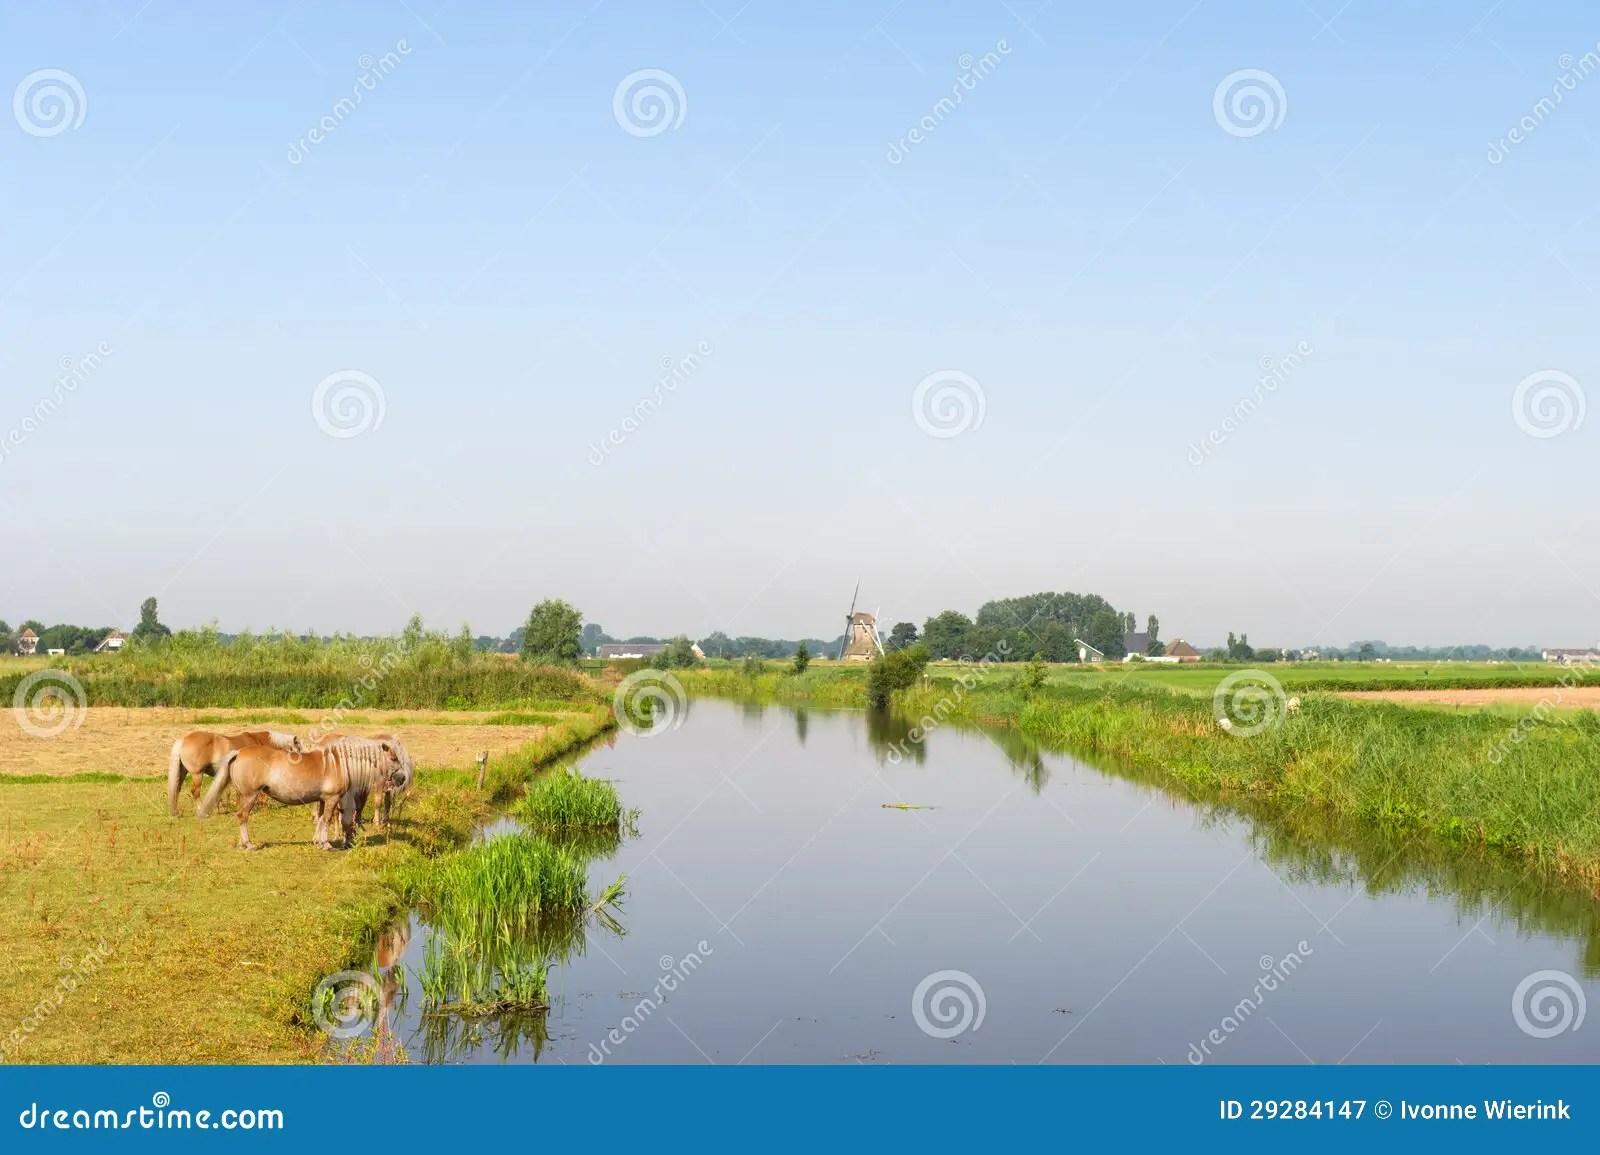 Paesaggio Olandese Con I Cavalli Acqua E Mulino A Vento